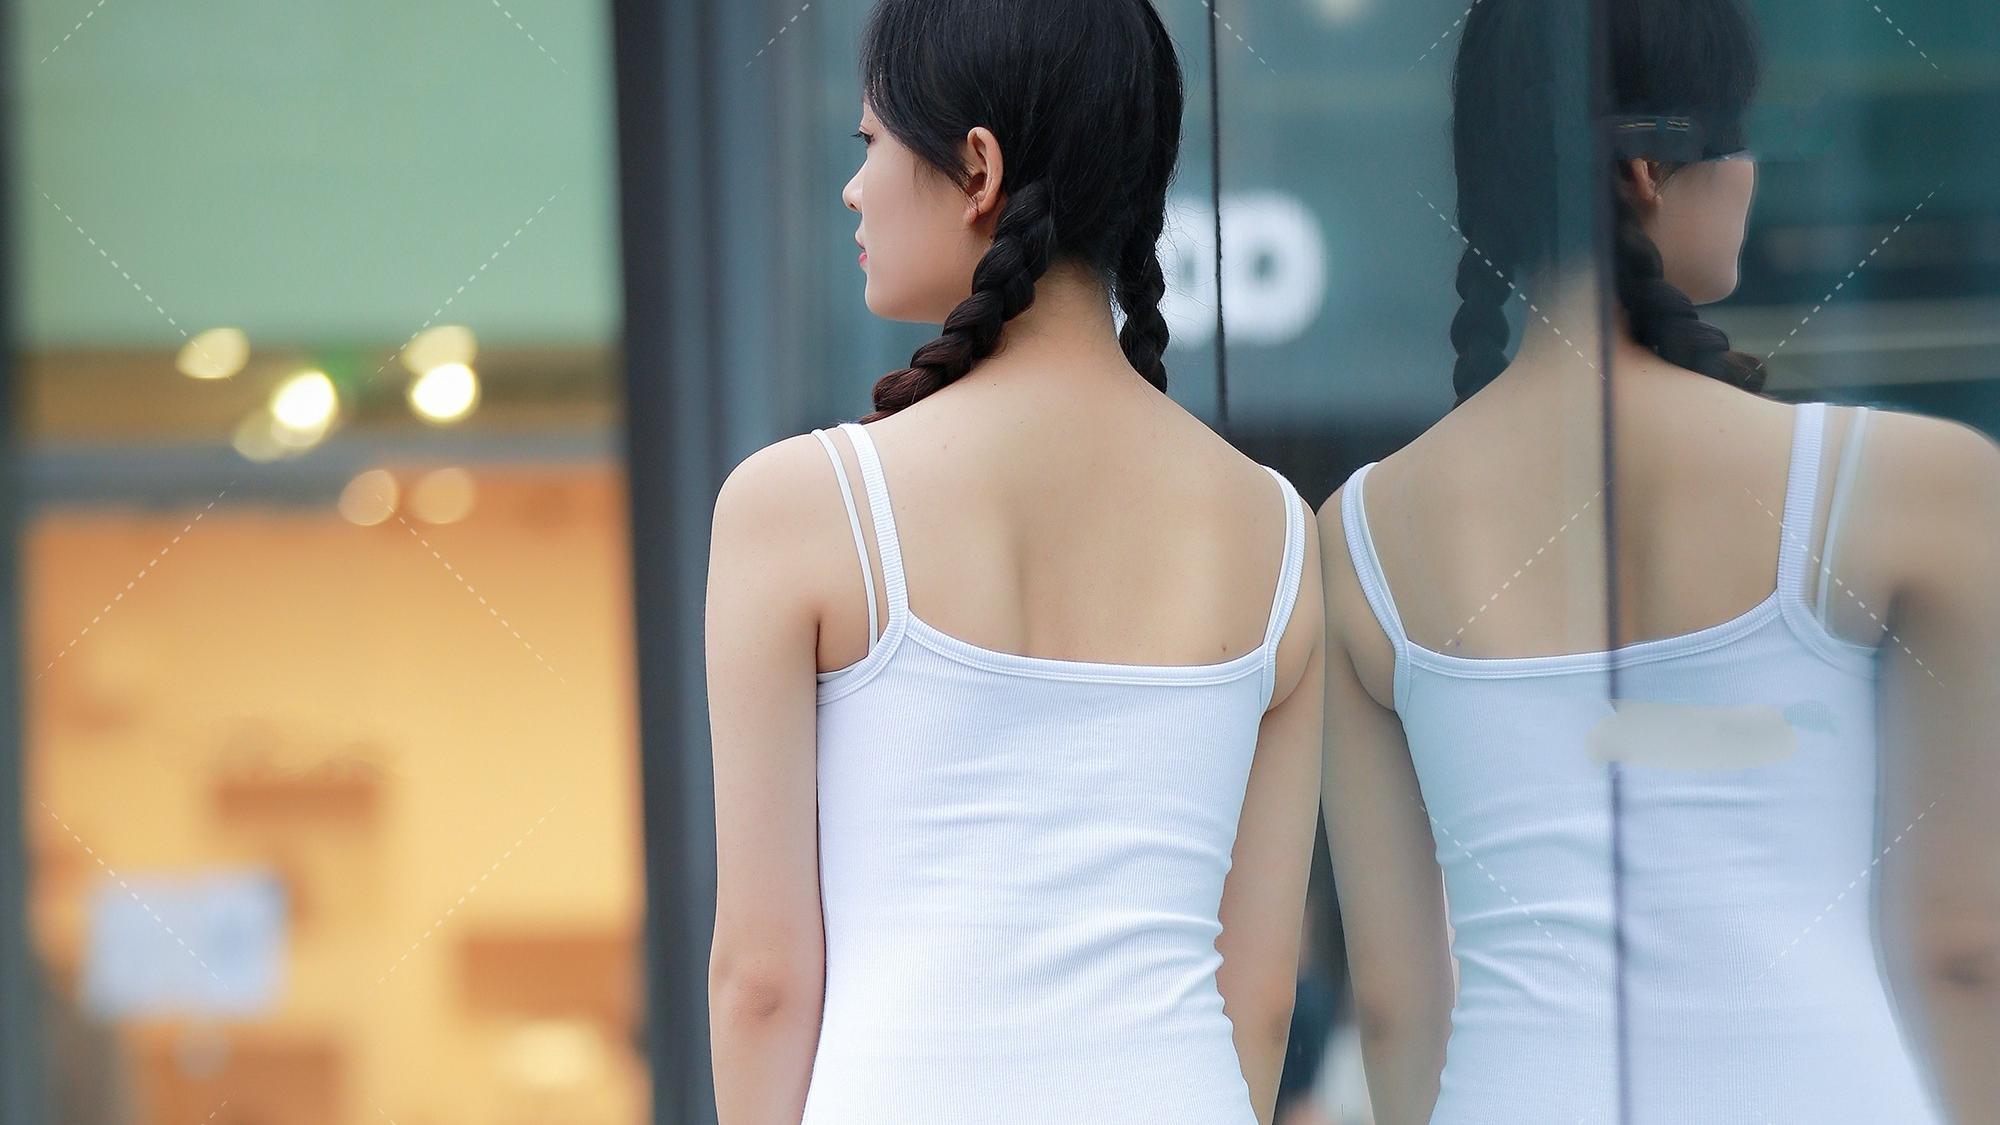 白色运动背心连衣裙,清纯与魅力共存,活力满满